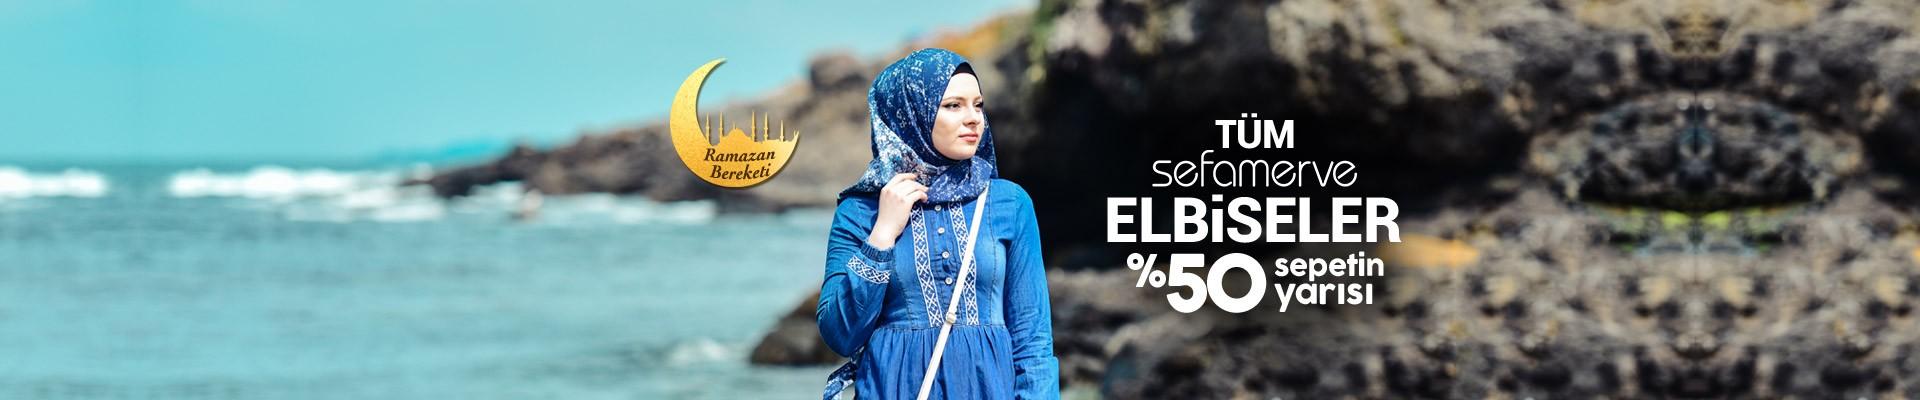 Sefamerve Tüm Elbiseler %50 Sepetin Yarısı